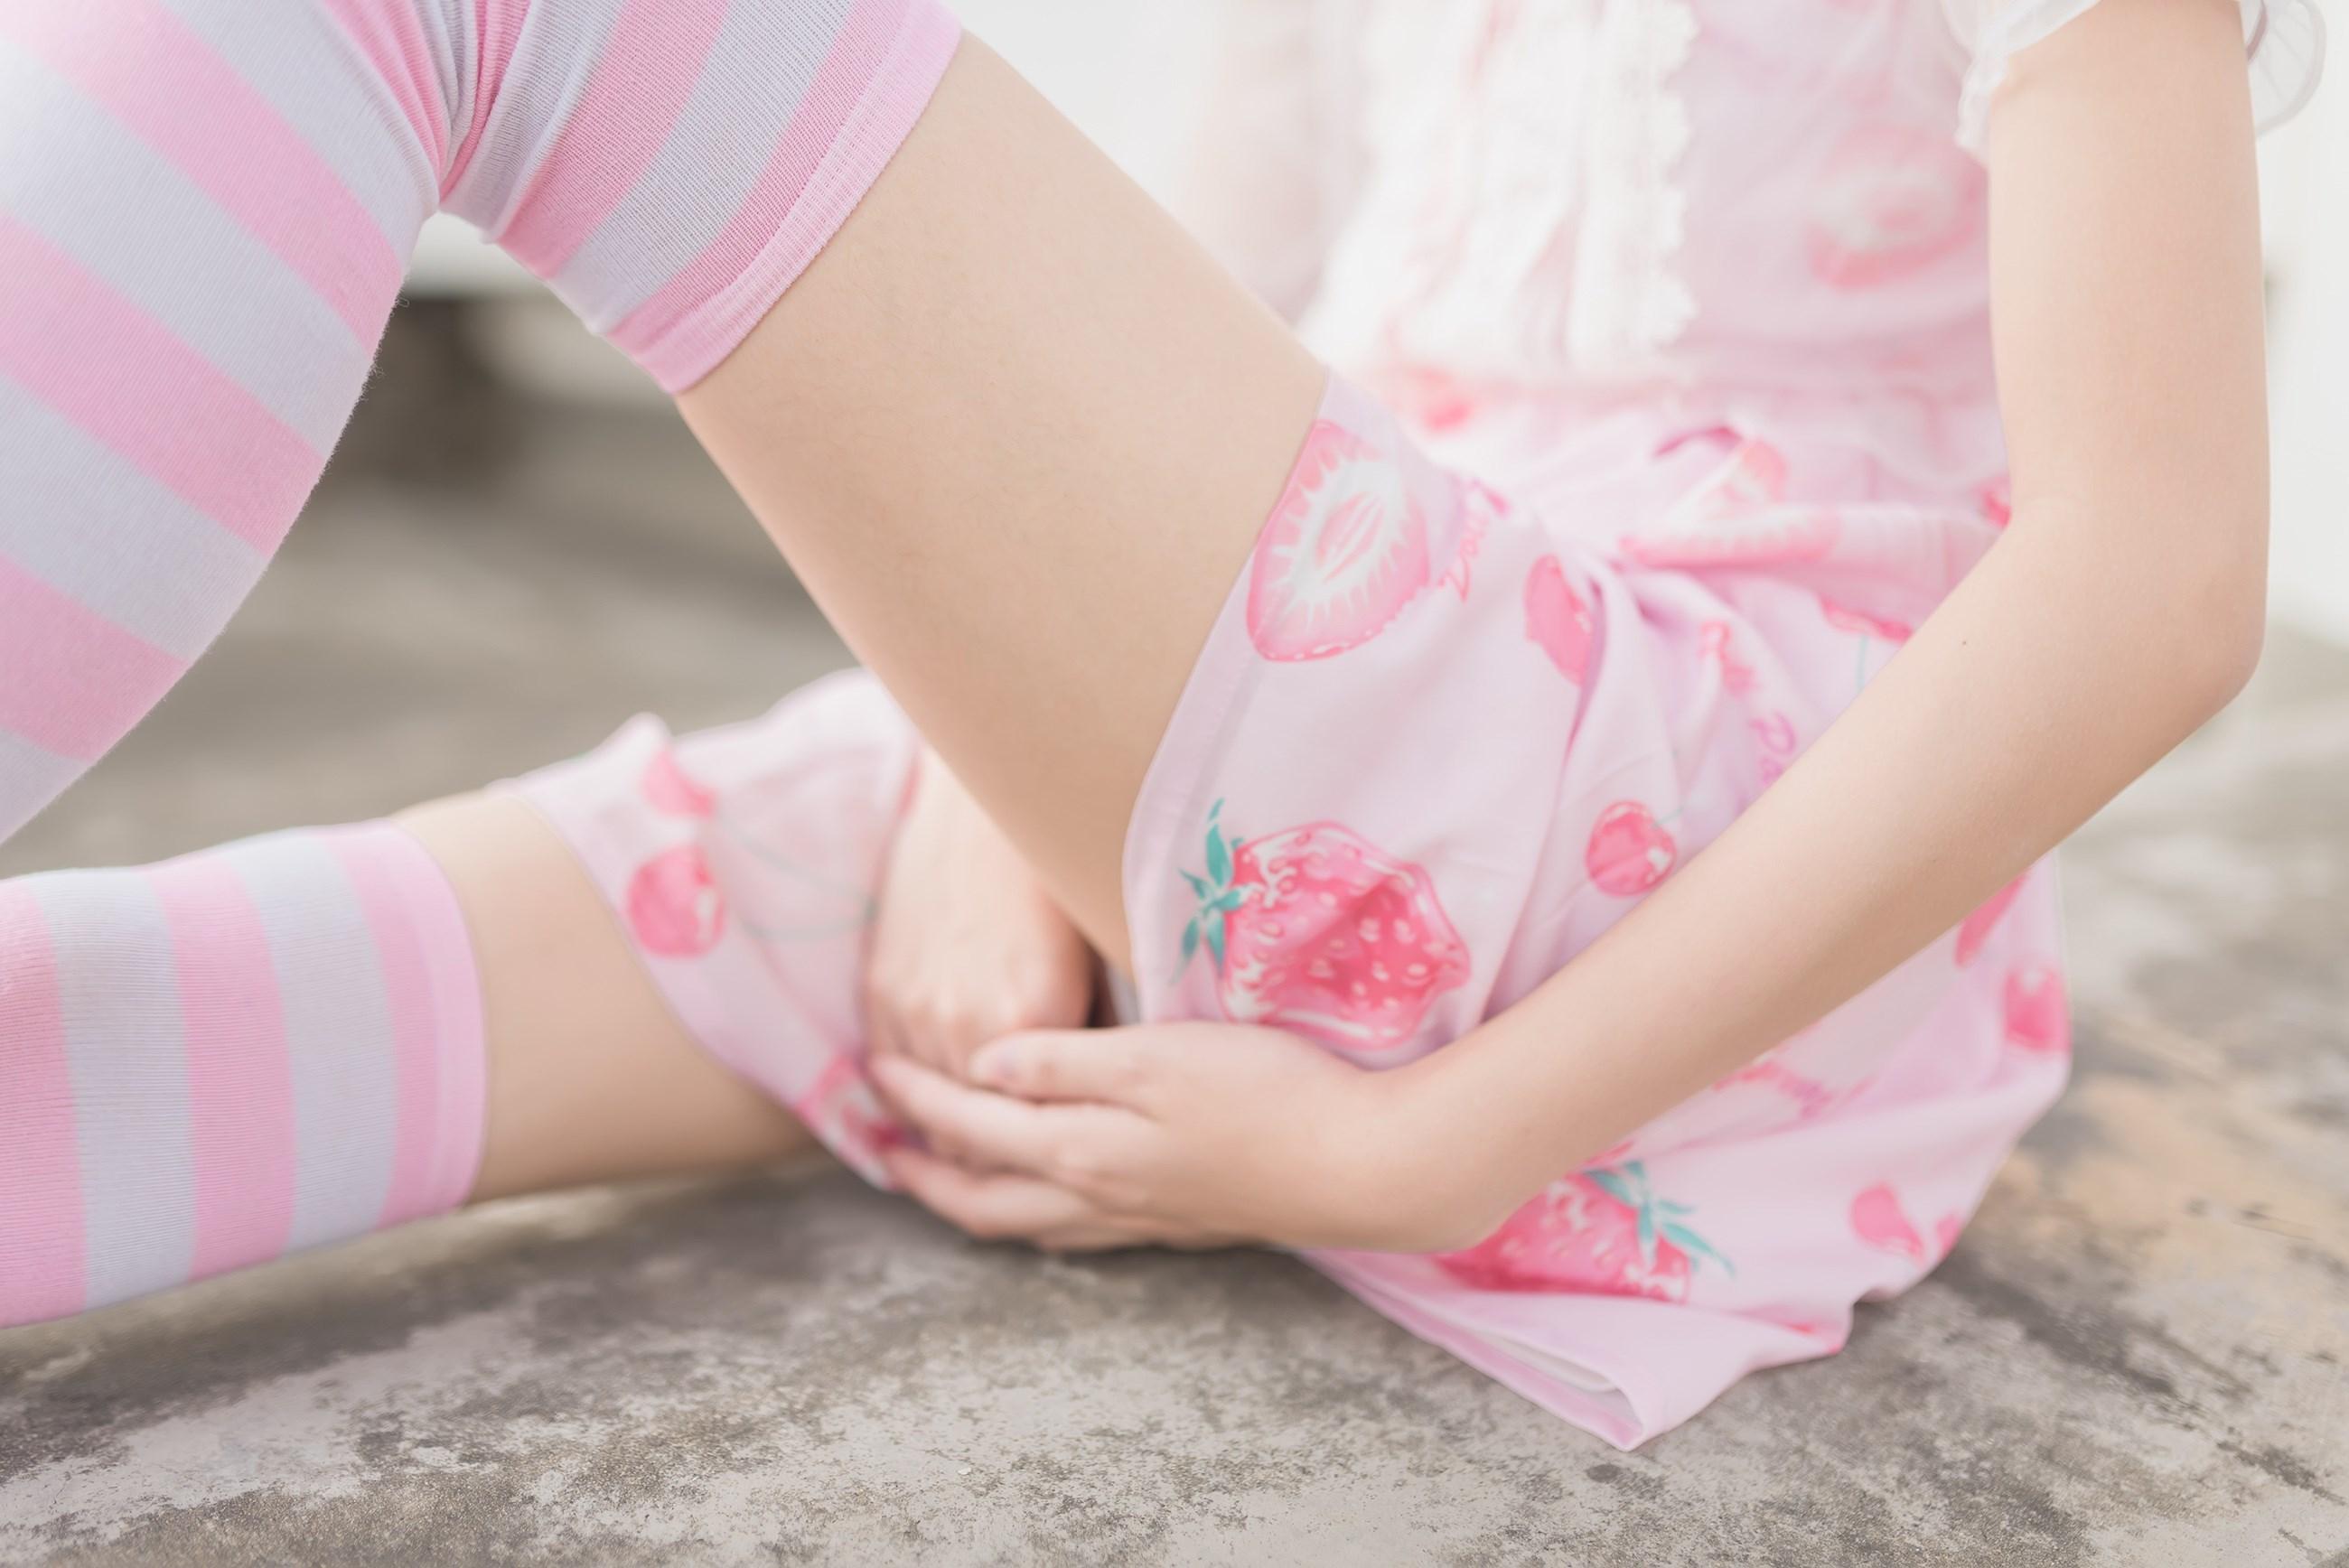 【兔玩映画】粉白条纹 兔玩映画 第22张